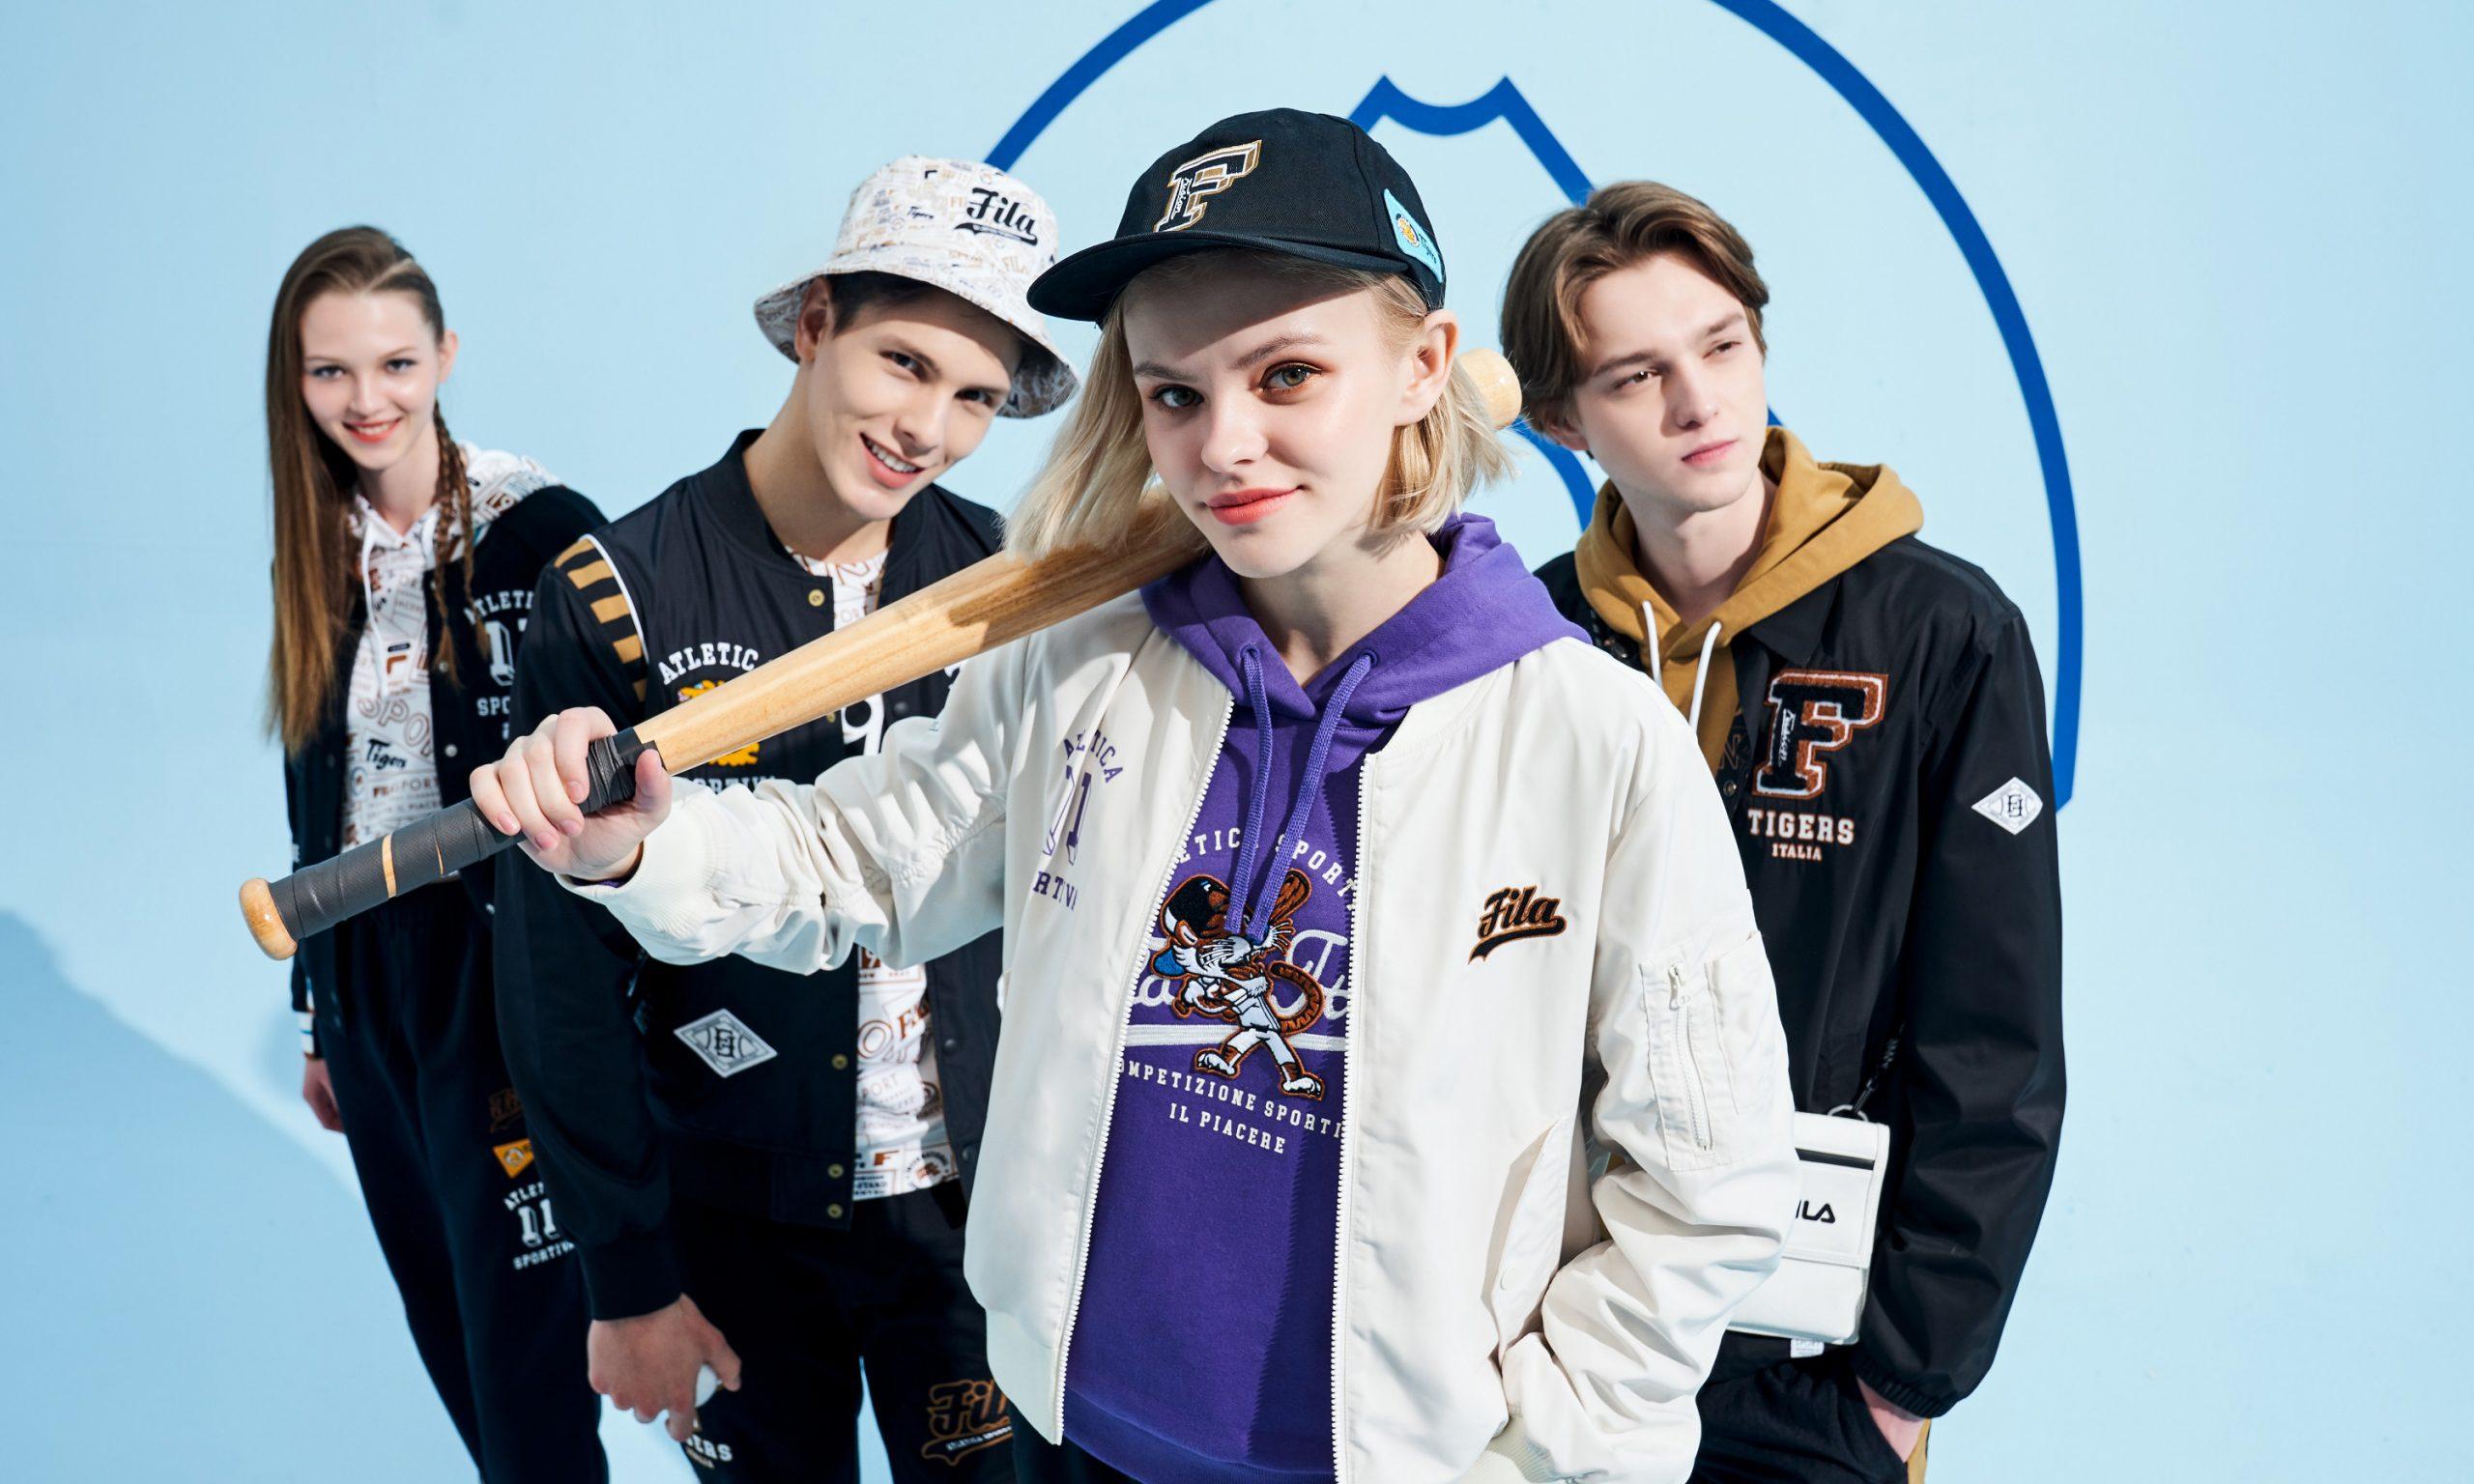 复古回归,FILA FUSION 释出全新棒球运动系列服饰